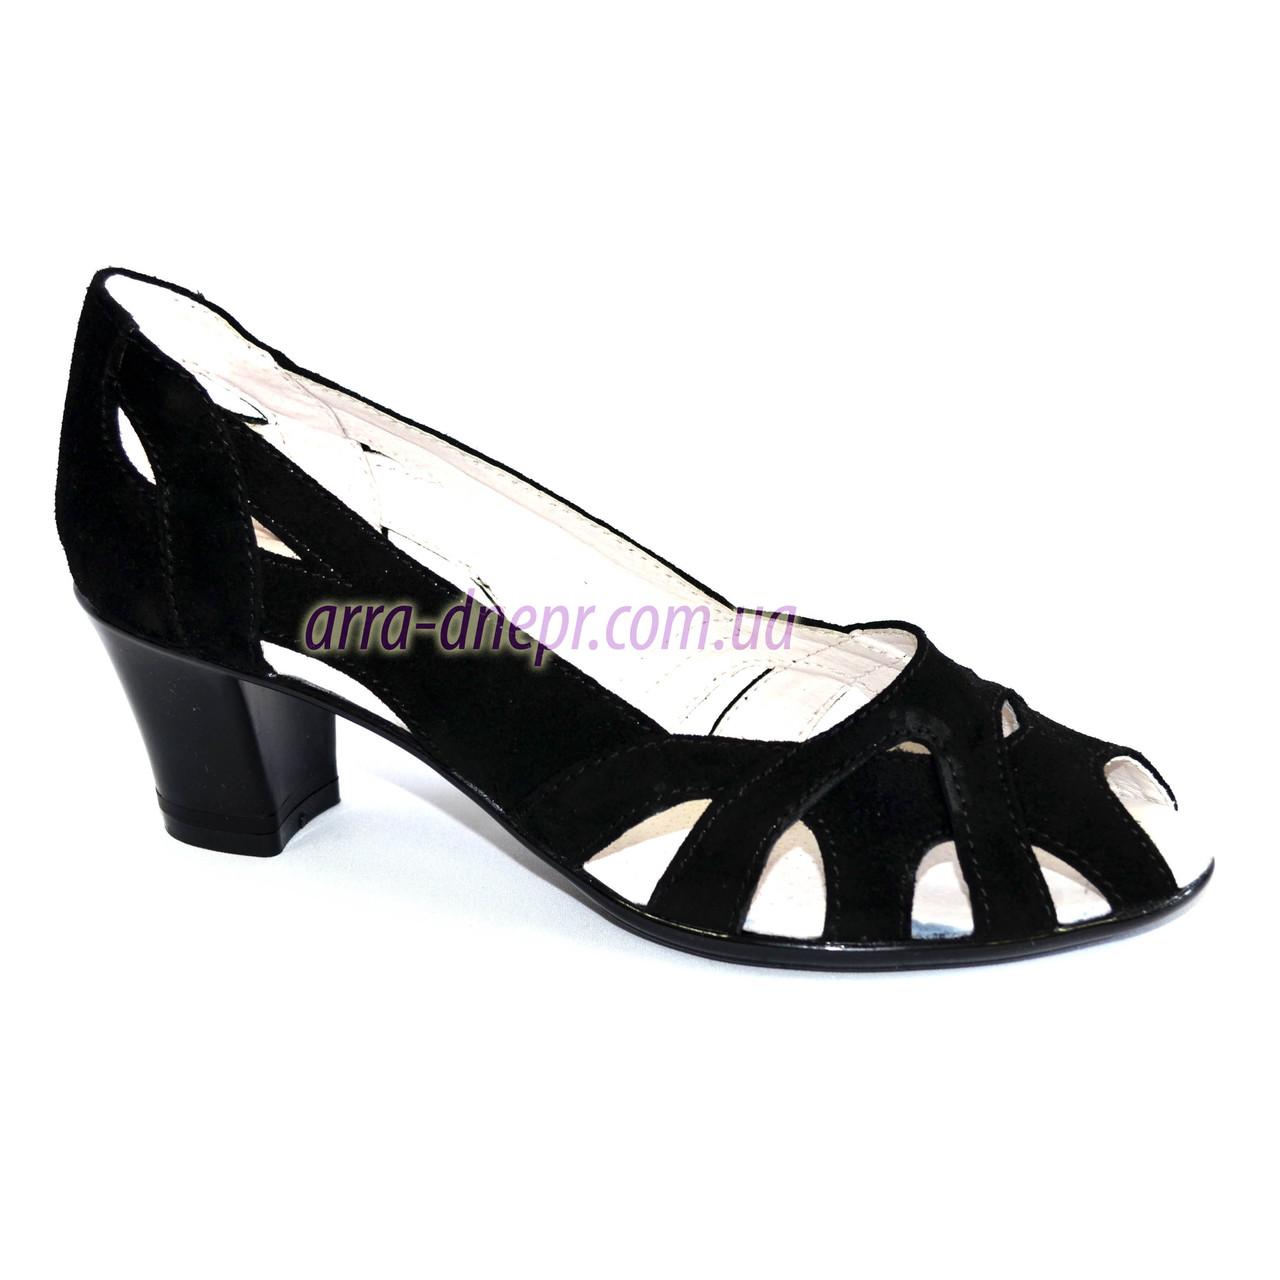 Замшевые черные женские босоножки на невысоком устойчивом каблуке